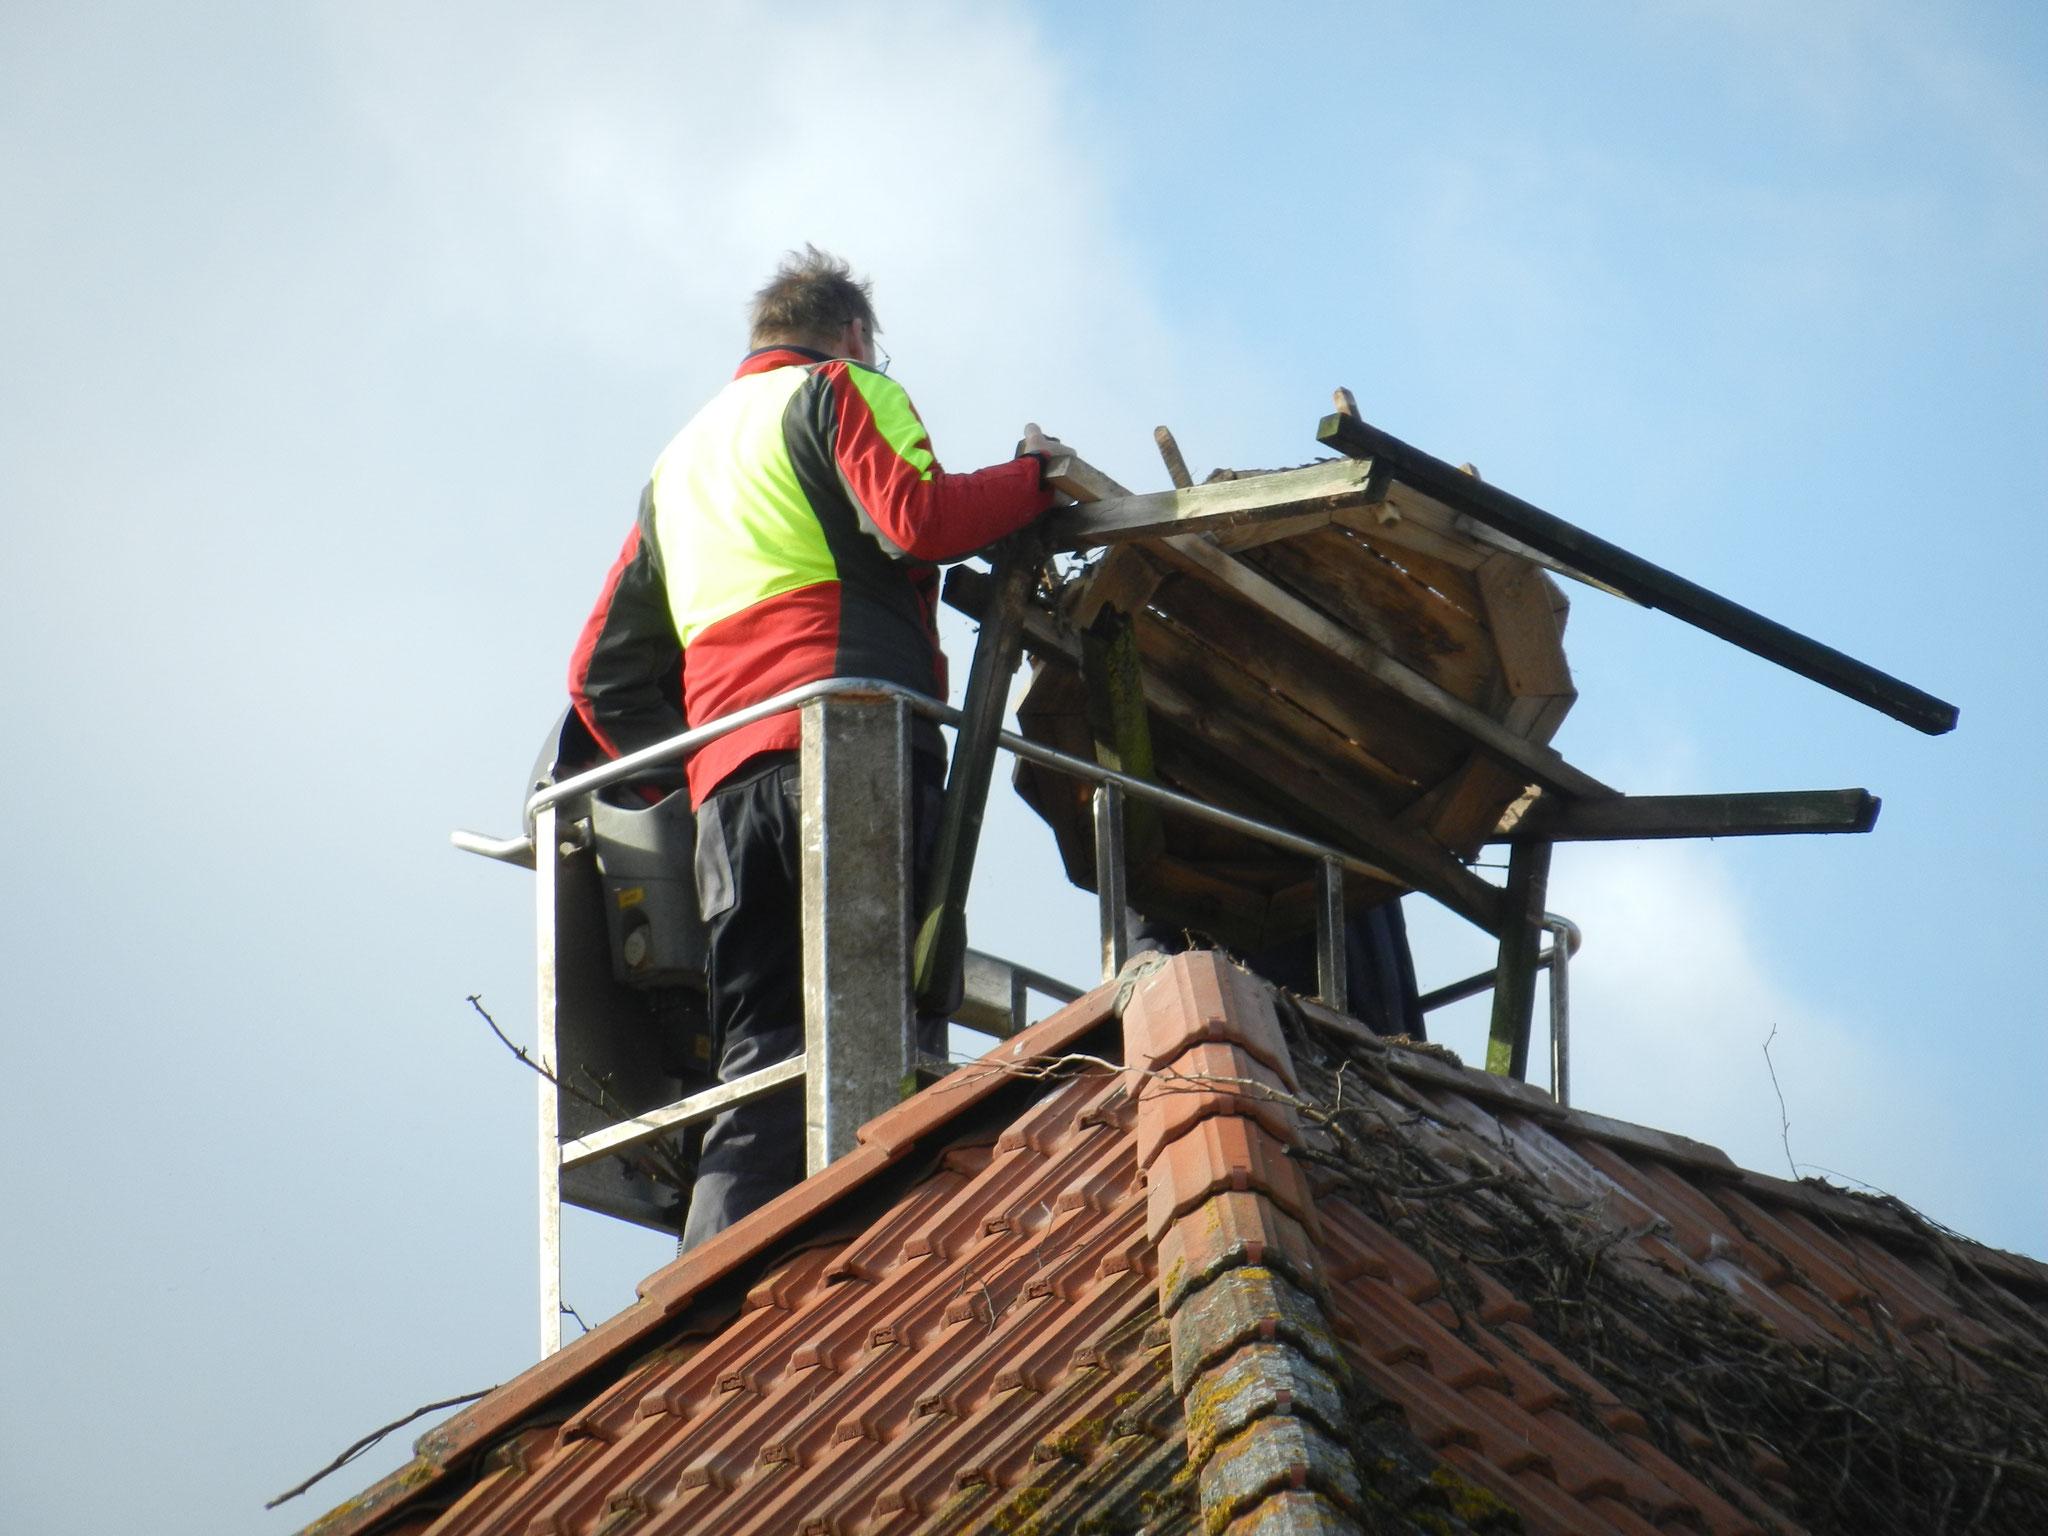 ... und anschließend wird die Holzkonstruktion heruntergenommen ...